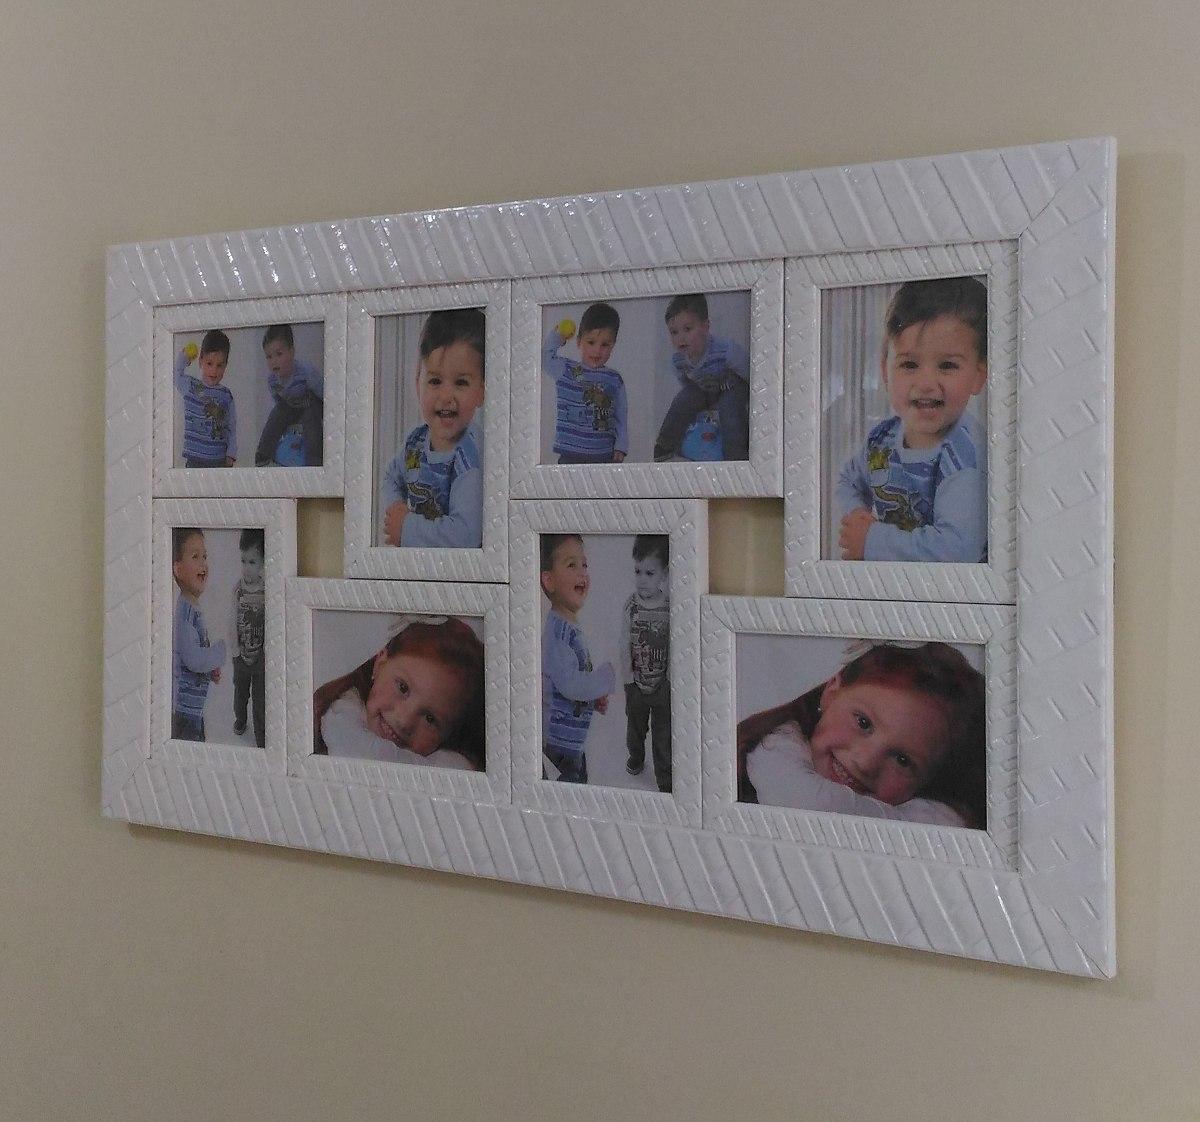 Quadro Porta Retrato Fotos Sala Painel Quarto Decorativos R 162  ~ Como Fazer Quadros Decorativos Para Quarto De Bebe